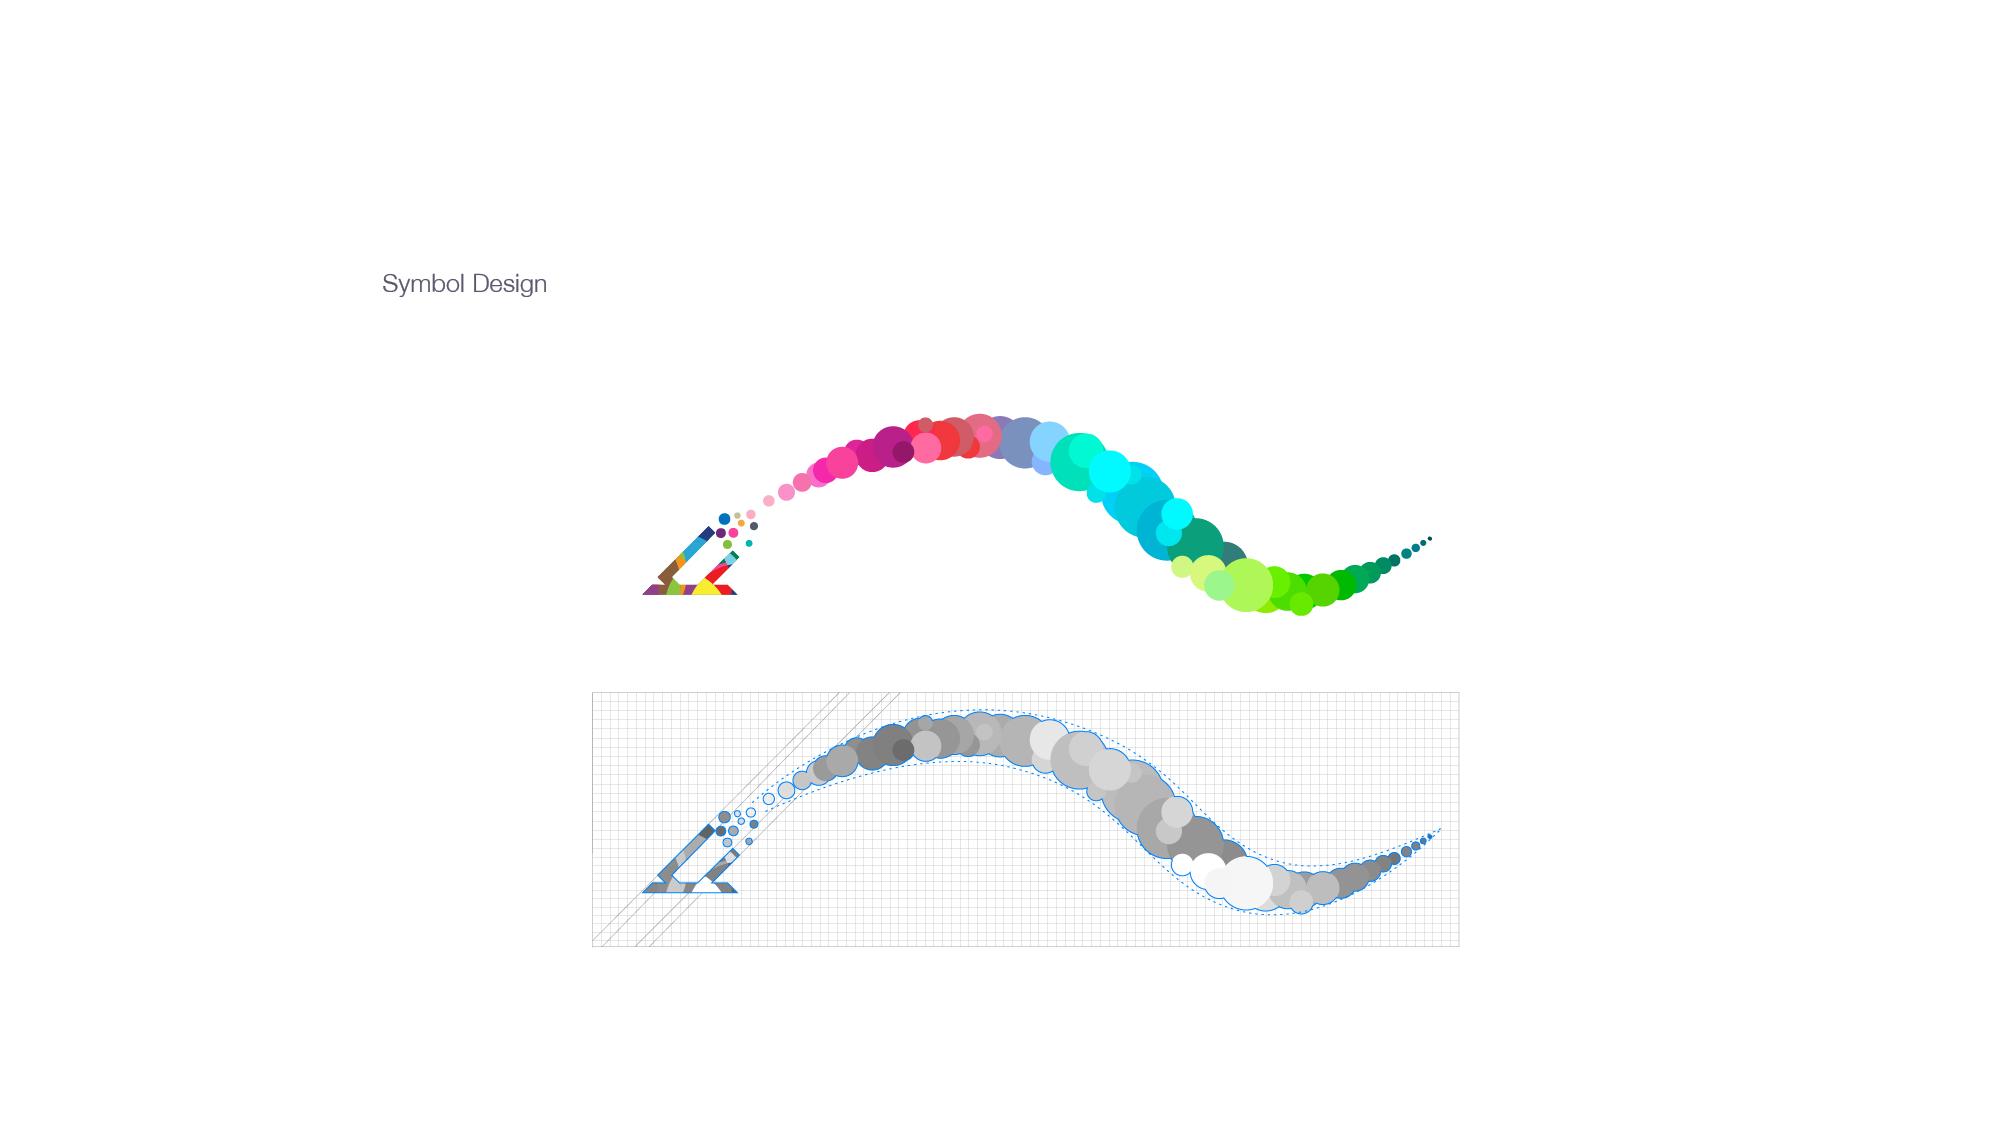 [중앙선거관리위원회]_선거슬로건_v1.3_release_20160203-05